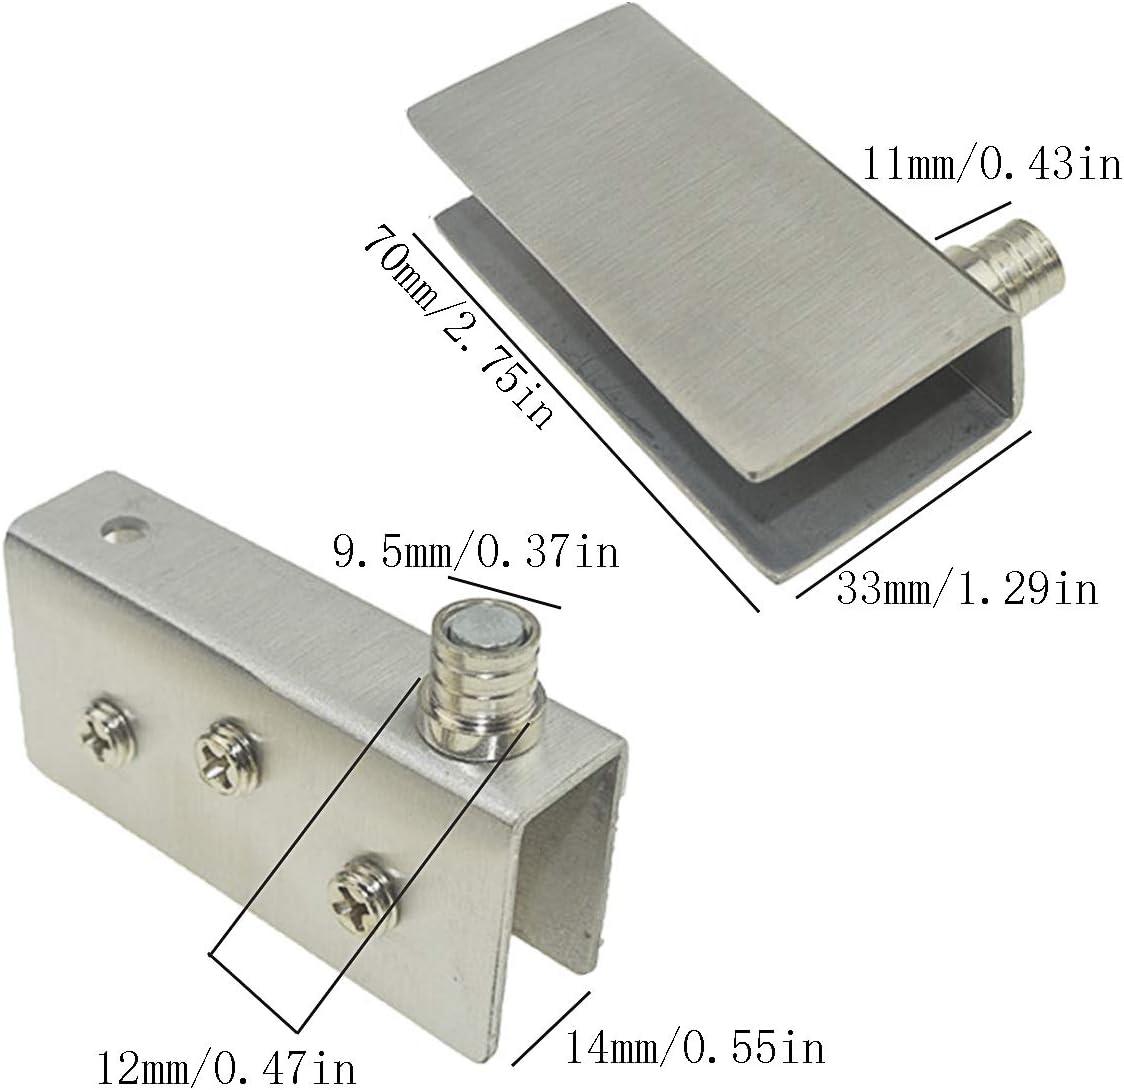 Paquete de 4 bisagras para puertas de vidrio Bisagra pivotante de 90 /° acero inoxidable vidrio sin perforaci/ón apto para vidrio de 10-12 mm